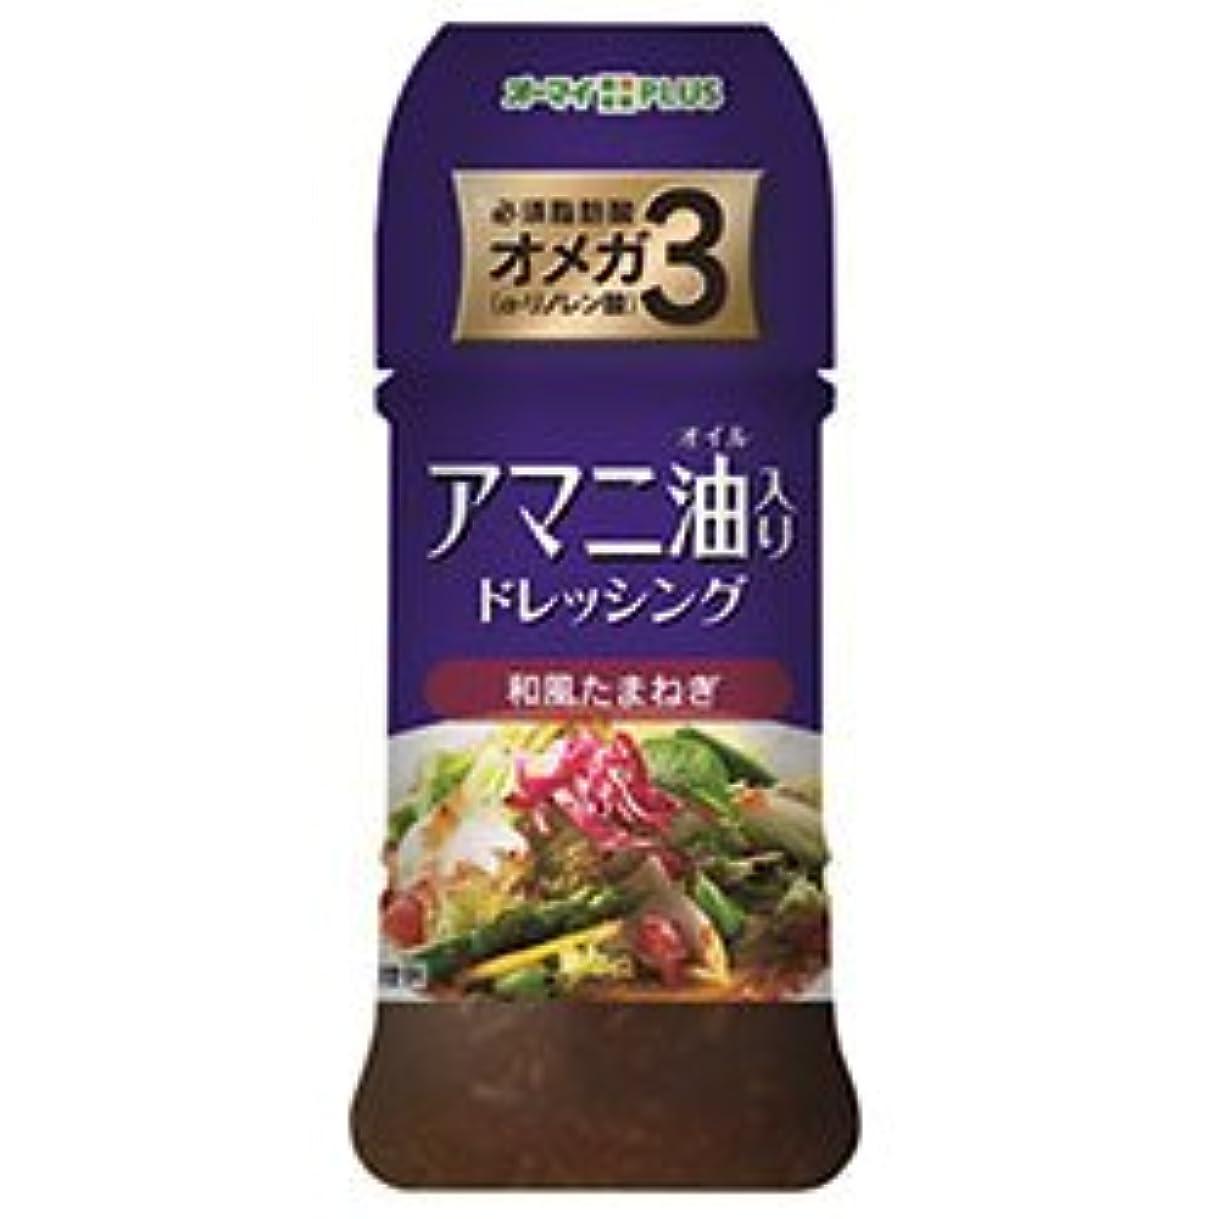 発表みすぼらしいフィドル日本製粉 オーマイプラス アマニ油入りドレッシング 和風たまねぎ 150ml×12本入×(2ケース)